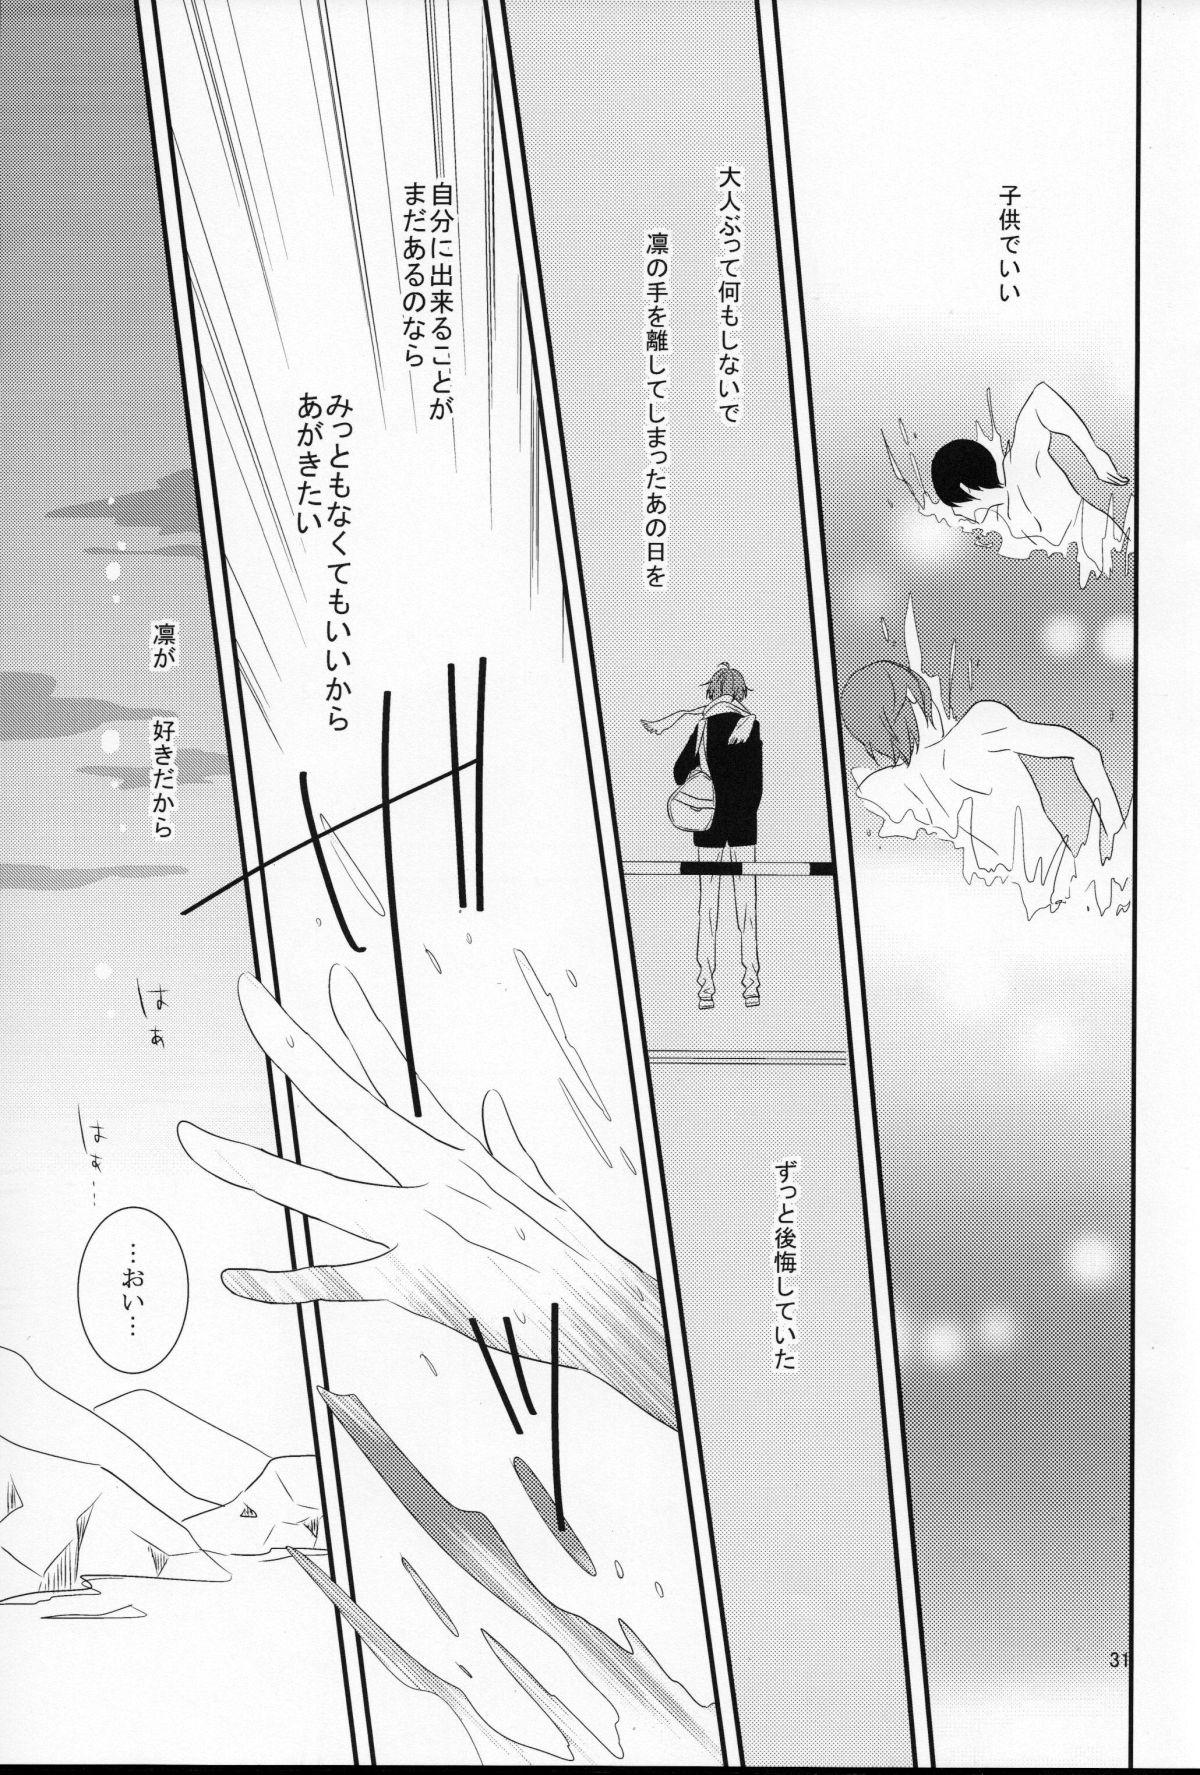 Sayonara, Bokura no Hatsukoi 31